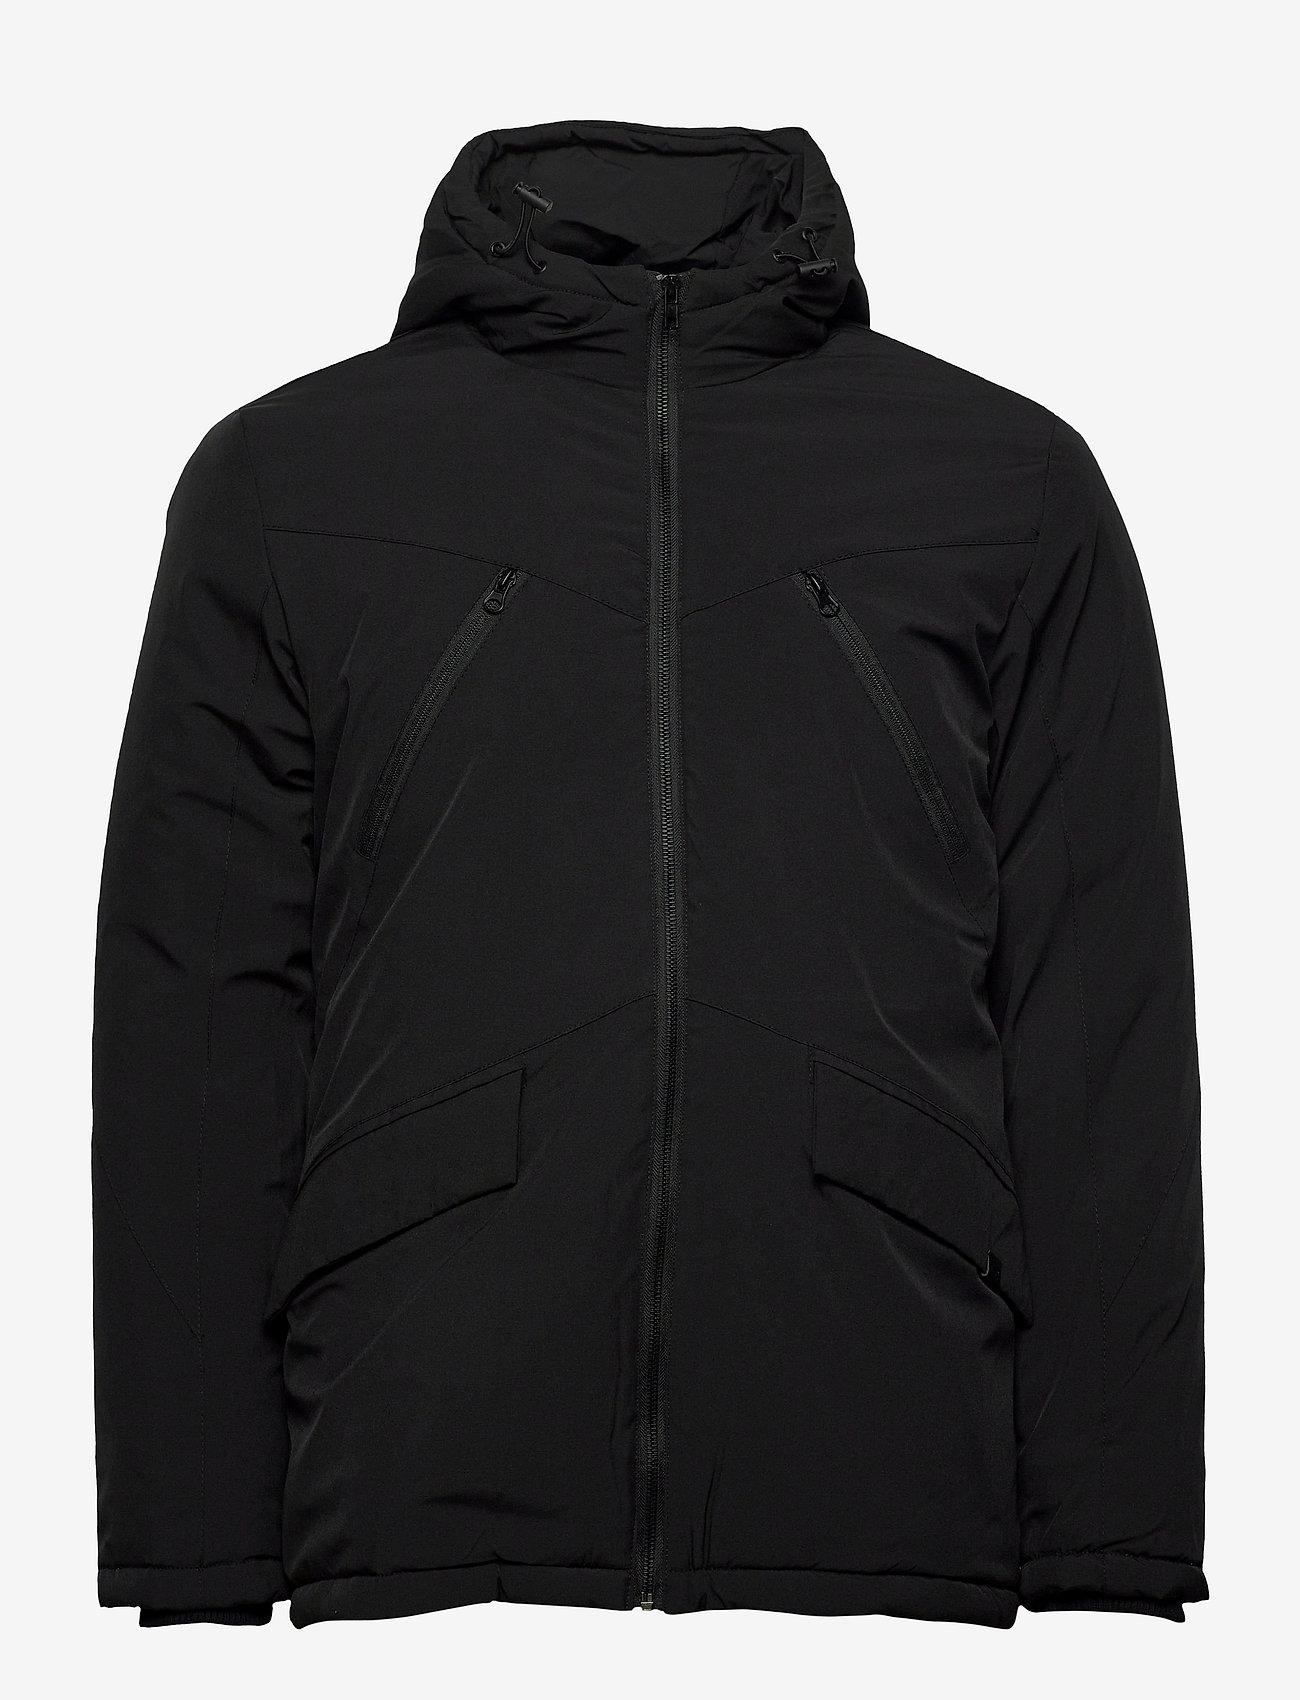 Blend - Outerwear - donsjassen - black - 1